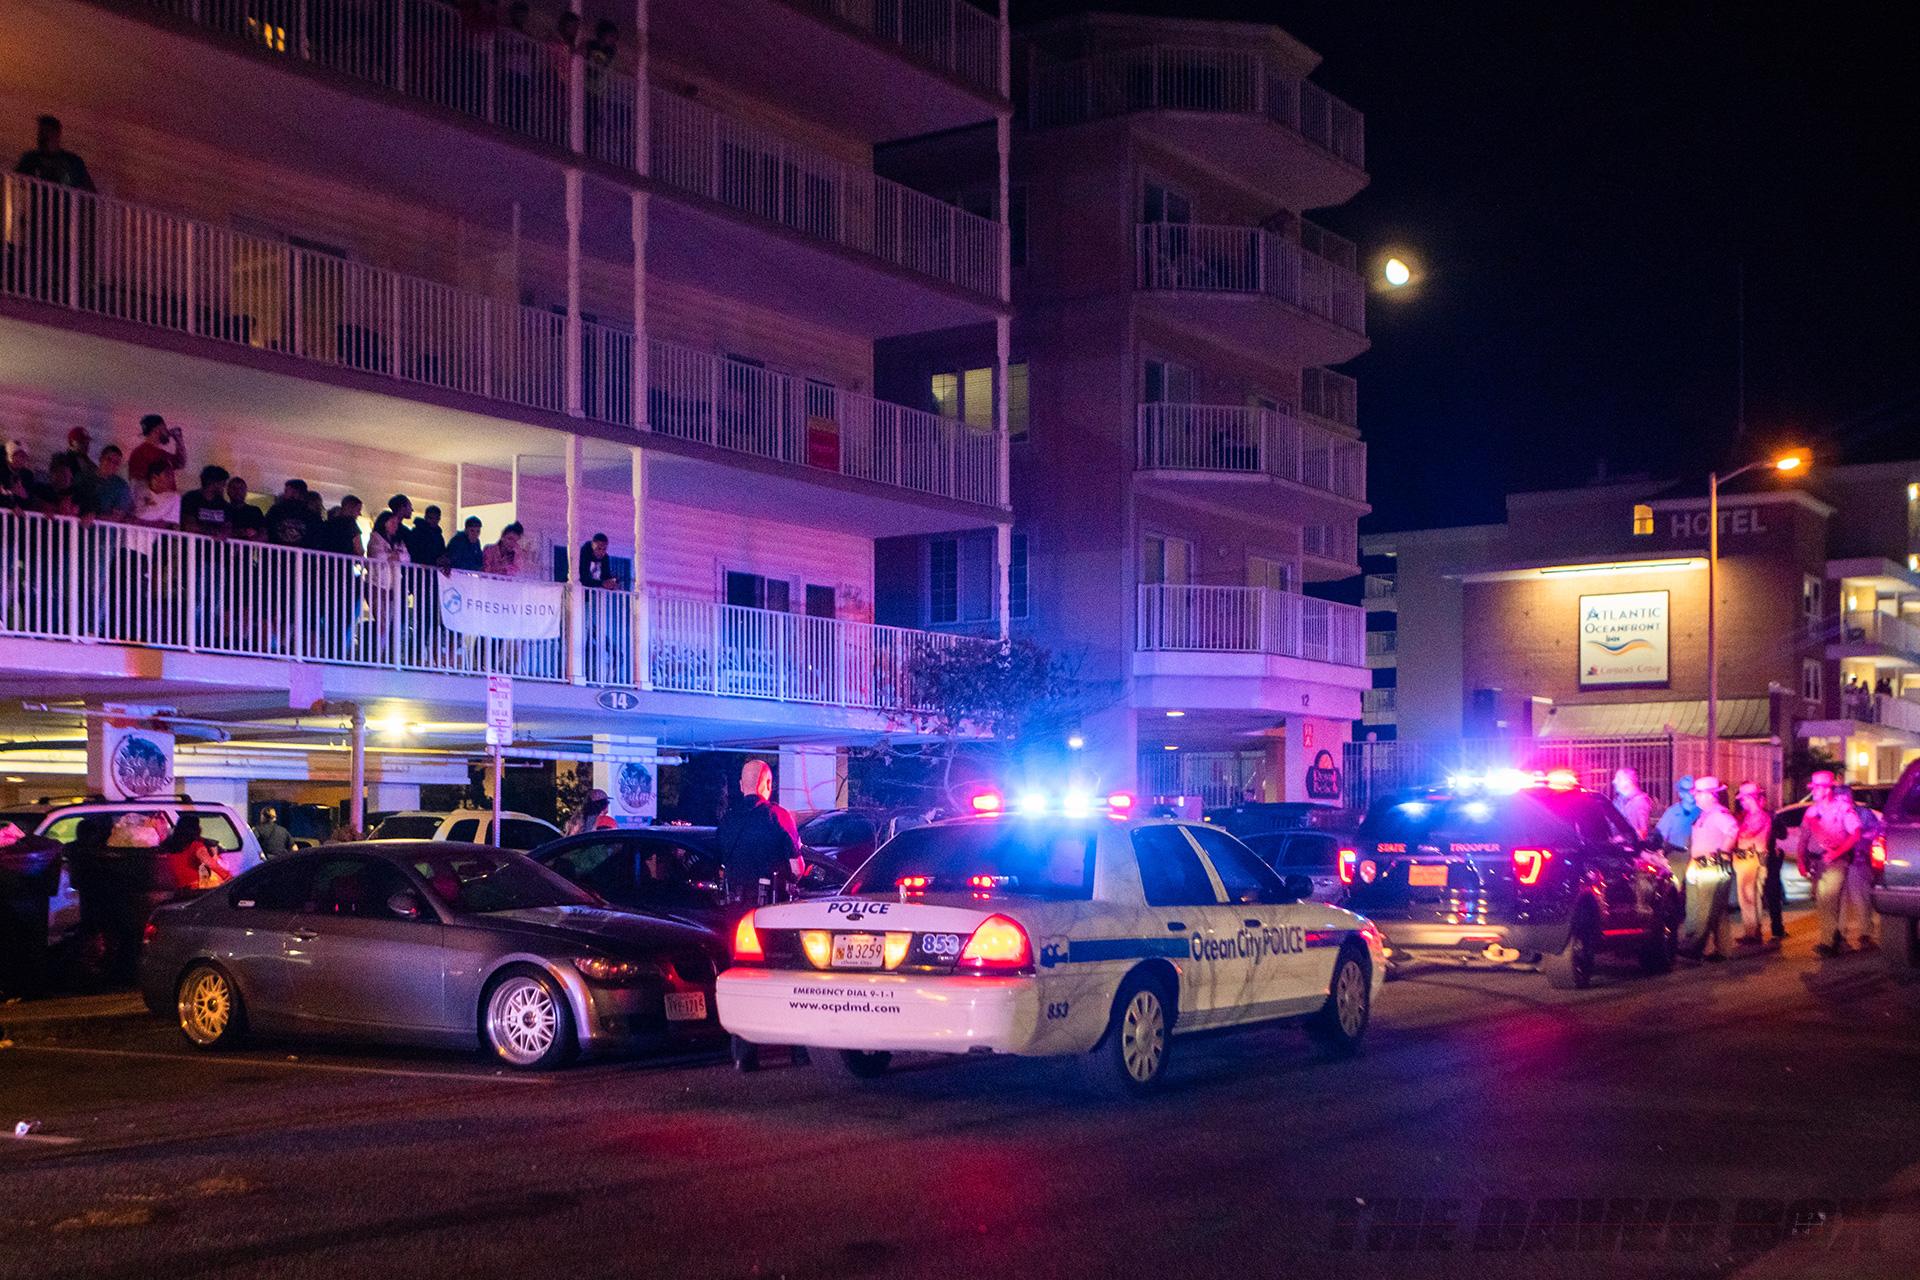 Cops shutting it down